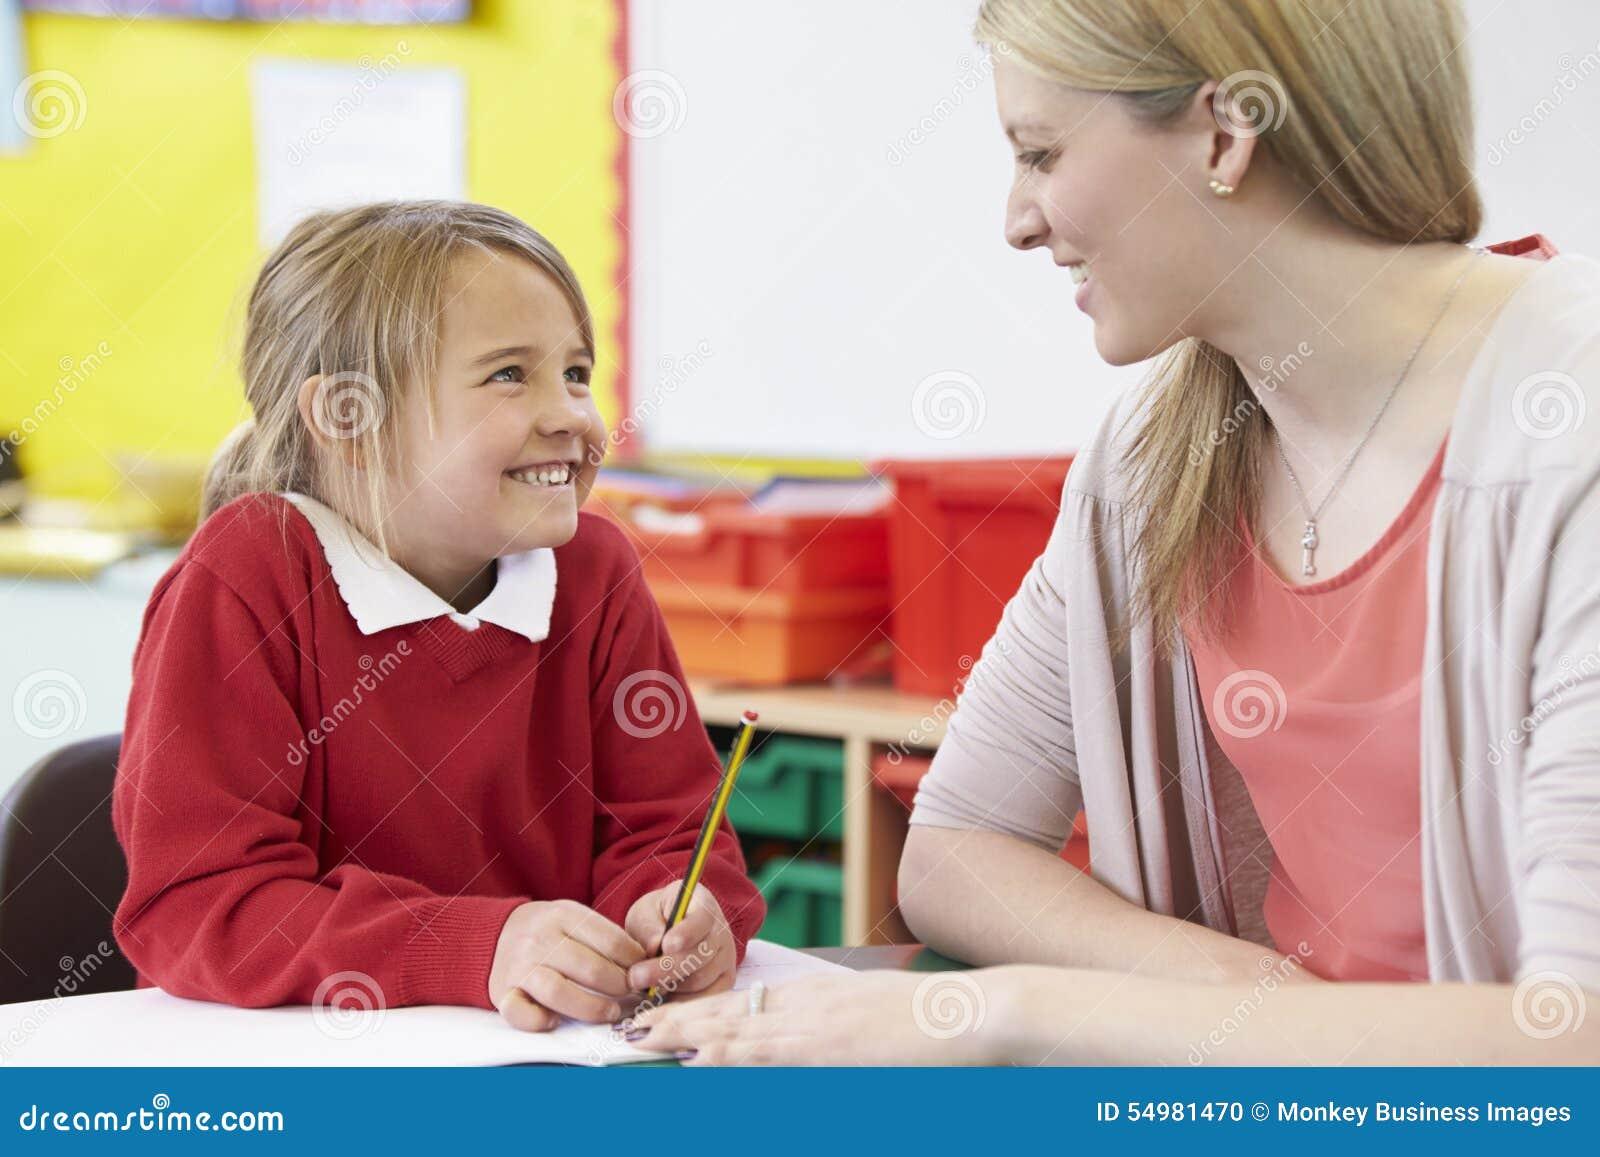 Δάσκαλος που βοηθά το θηλυκό μαθητή με την άσκηση του γραψίματος στο γραφείο